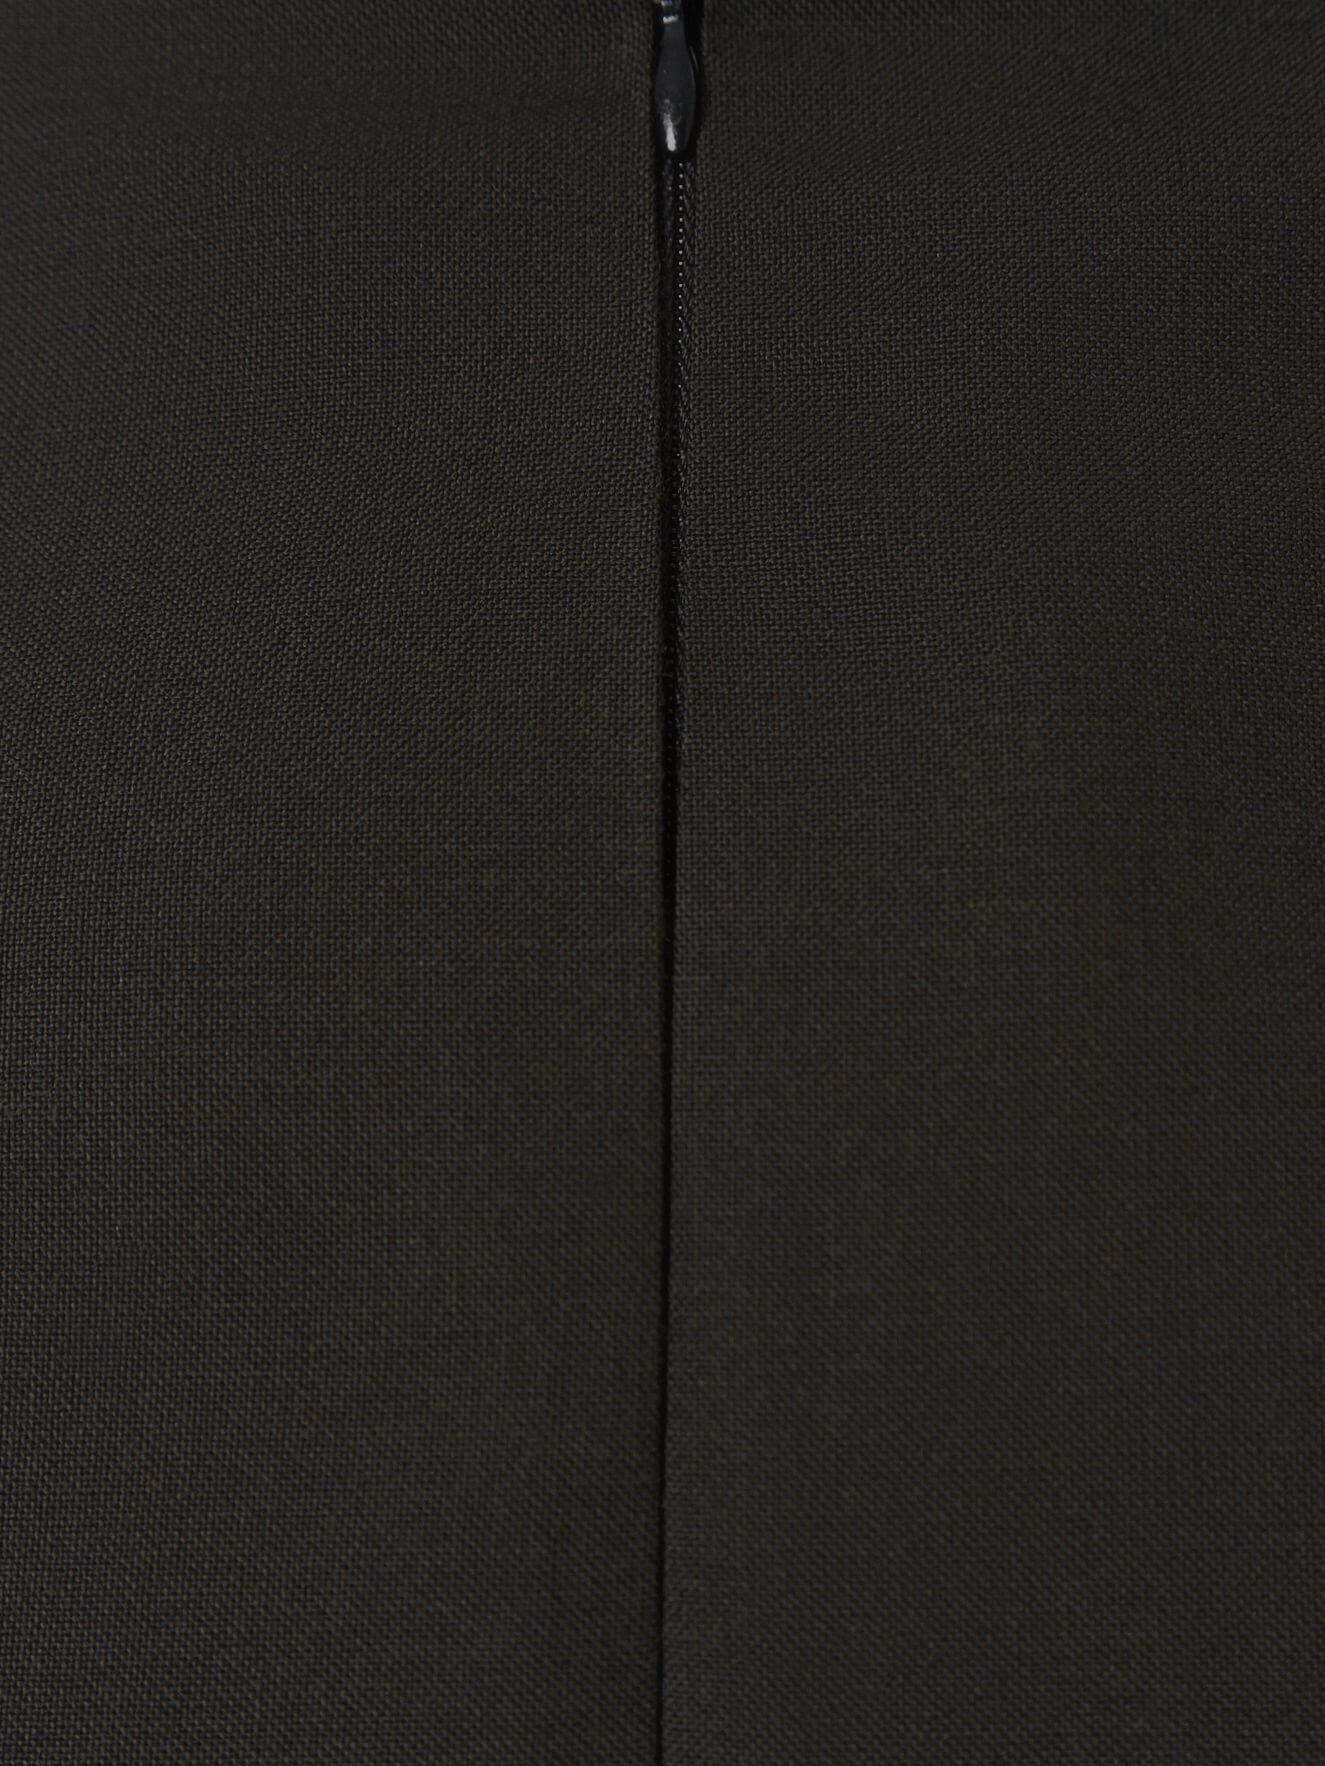 Bruna юбка на запах, Черный